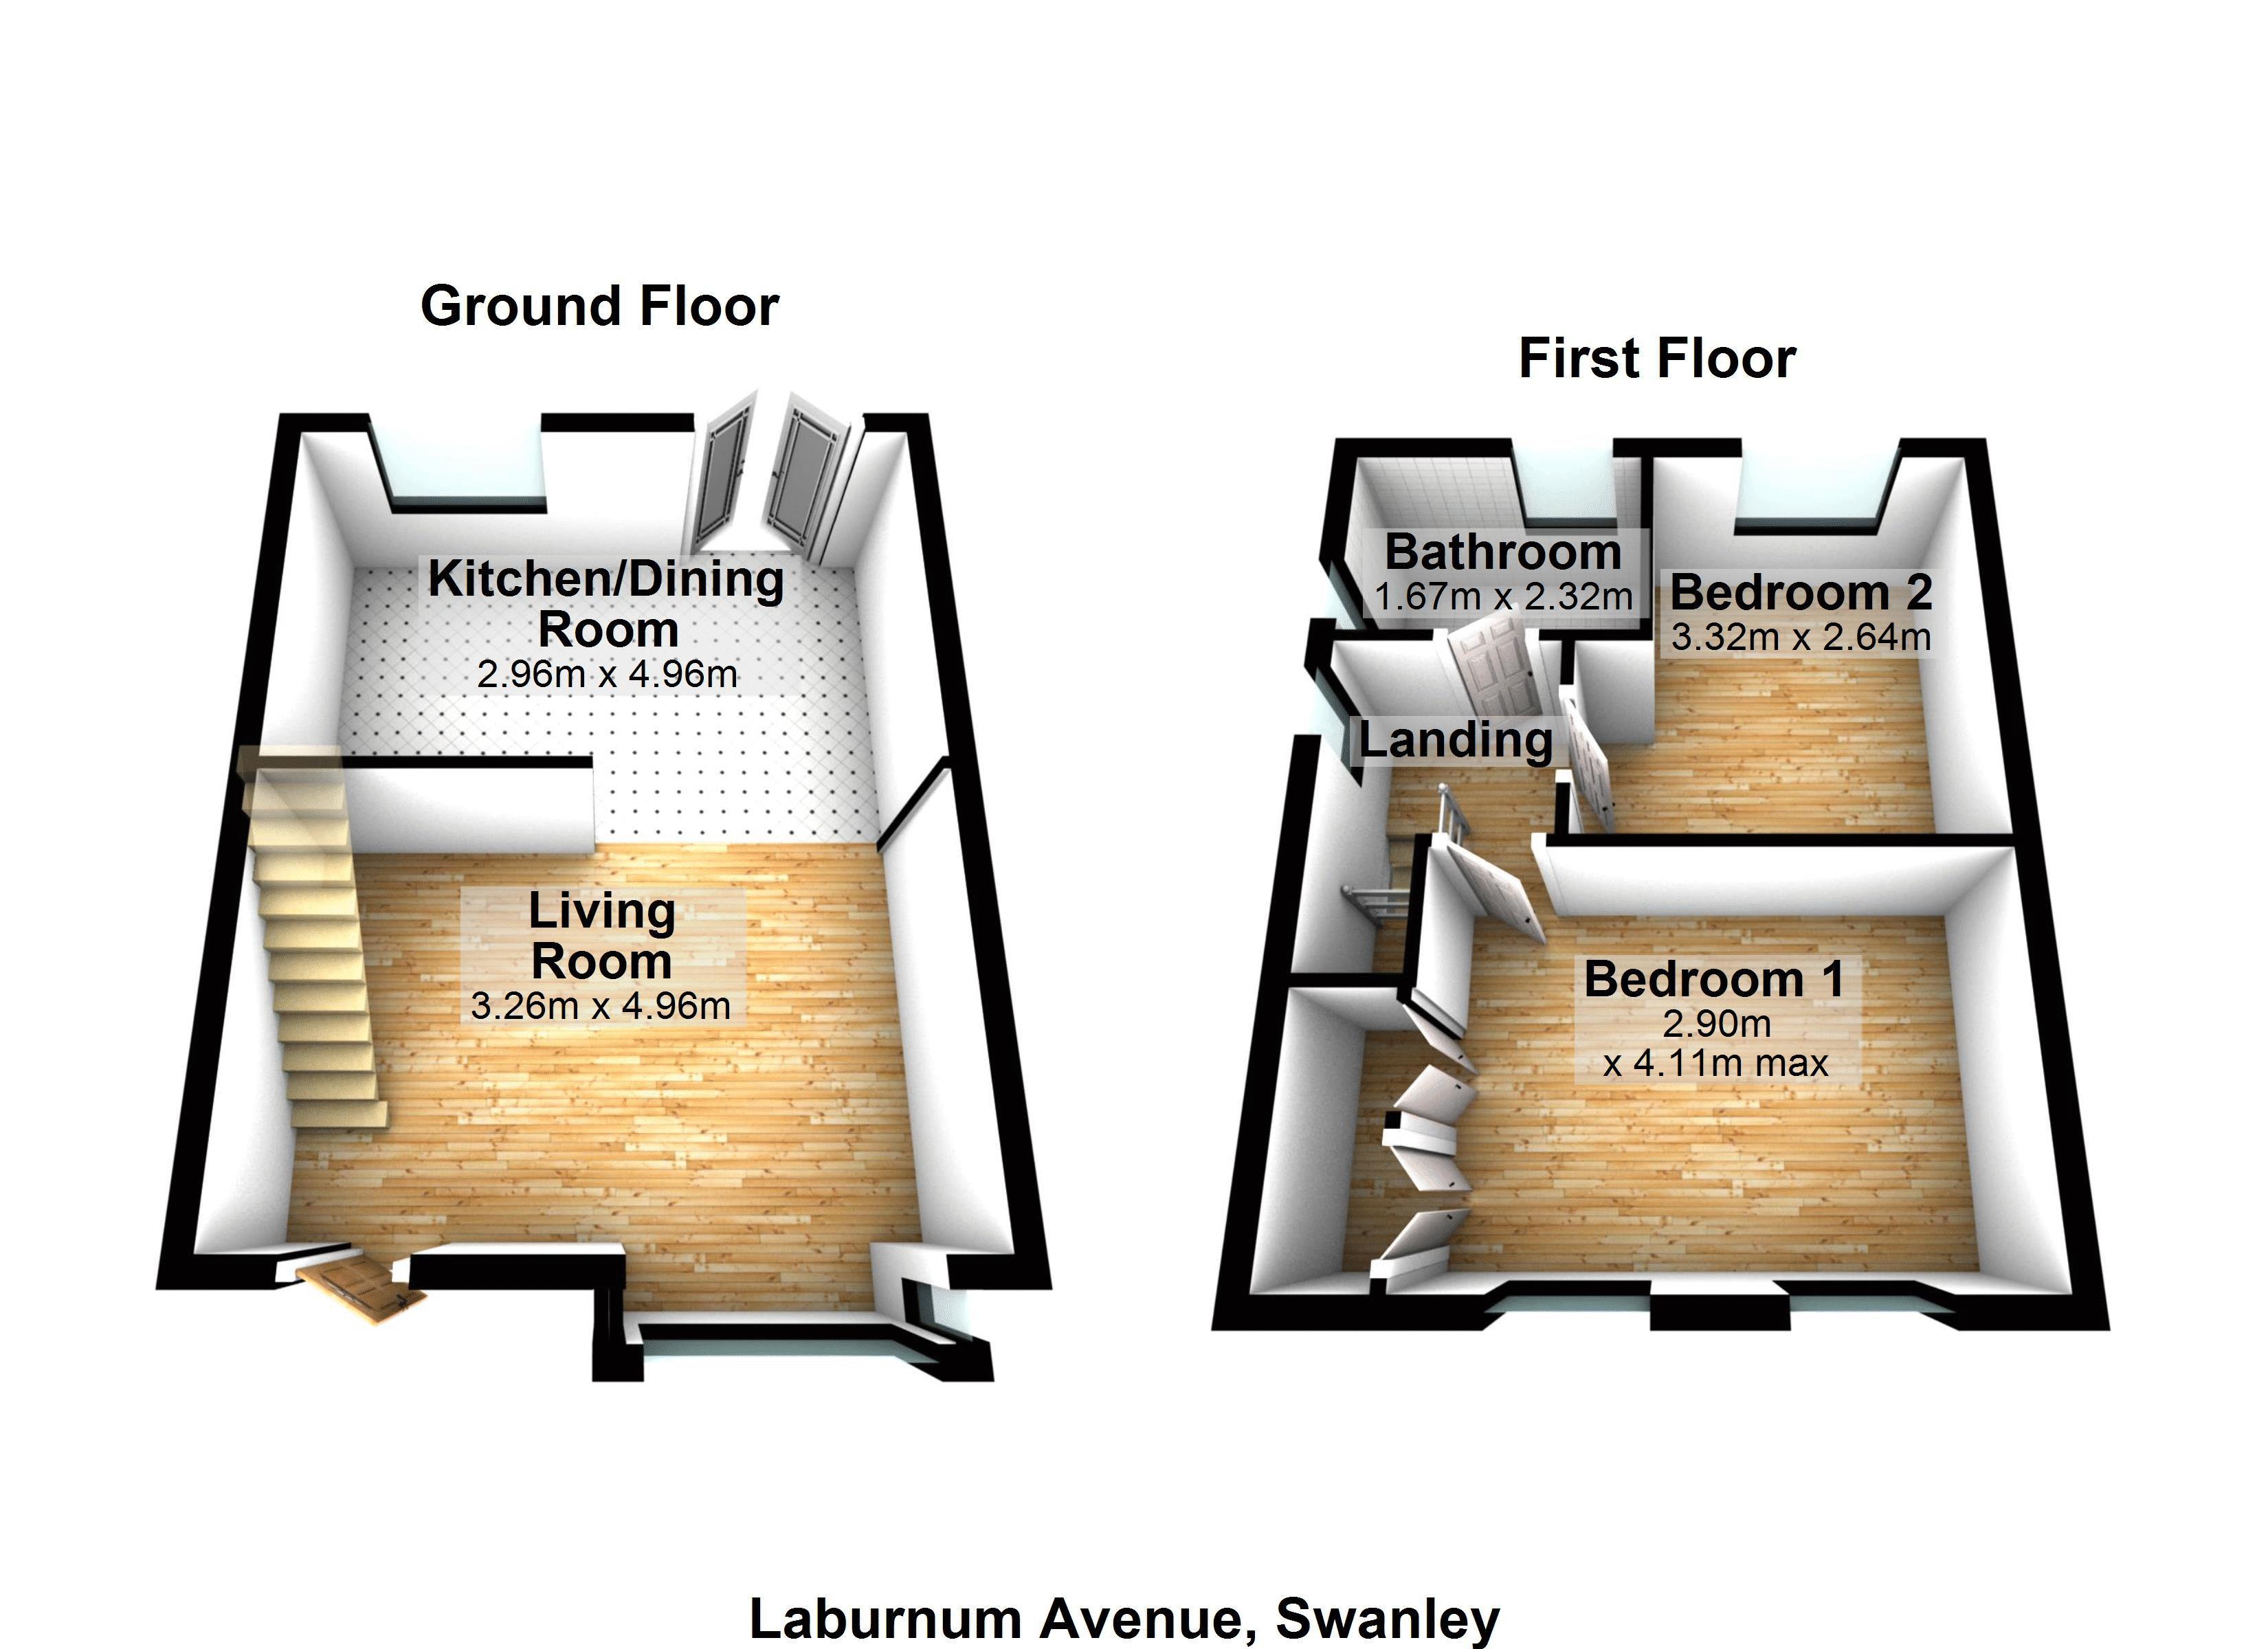 Laburnum Avenue